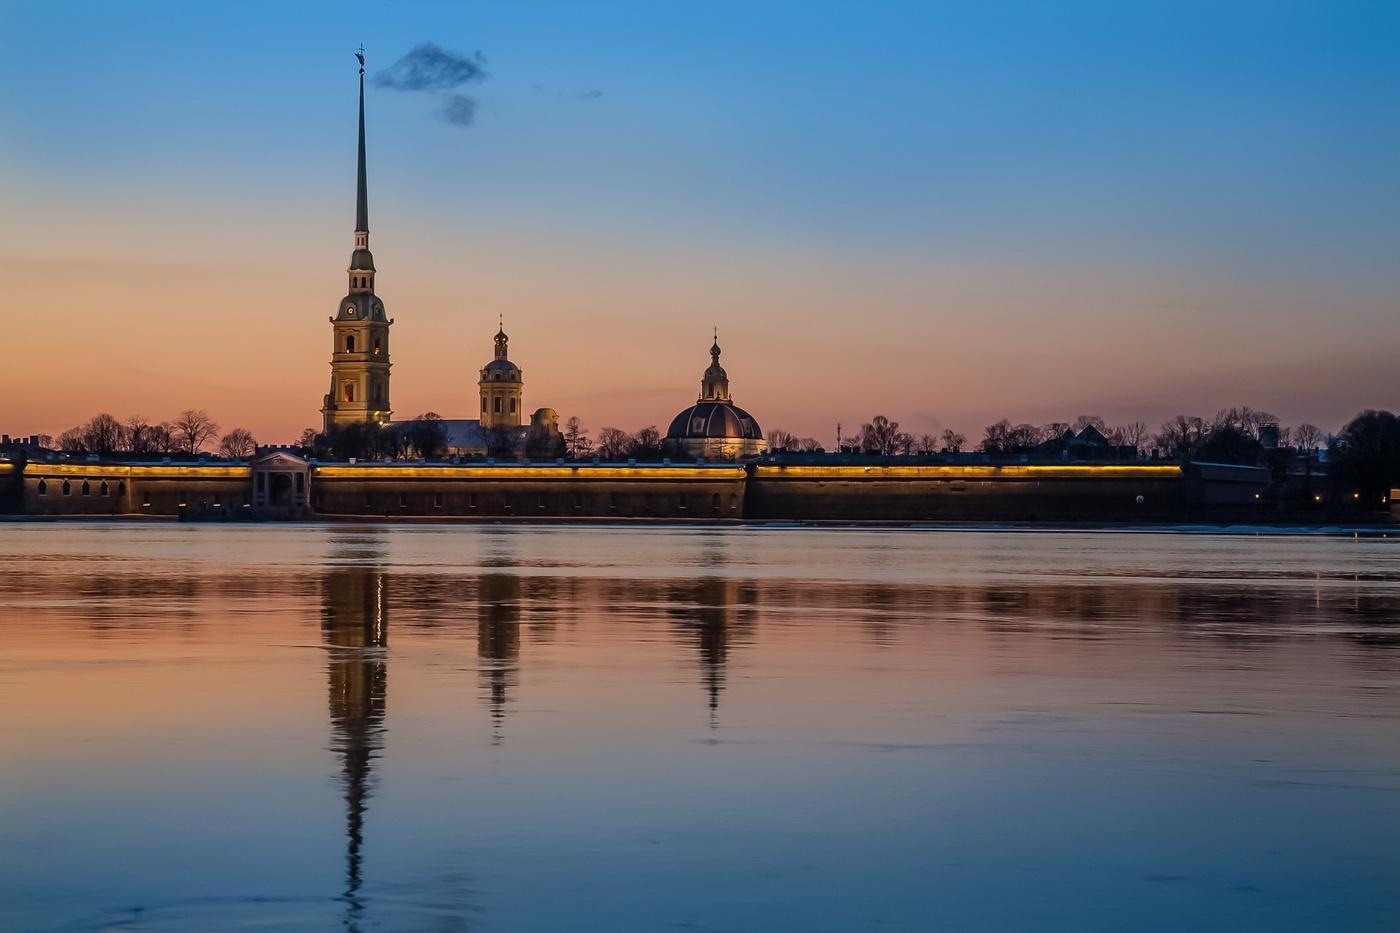 картинки санкт петербурга петропавловская крепость утяжелять вид